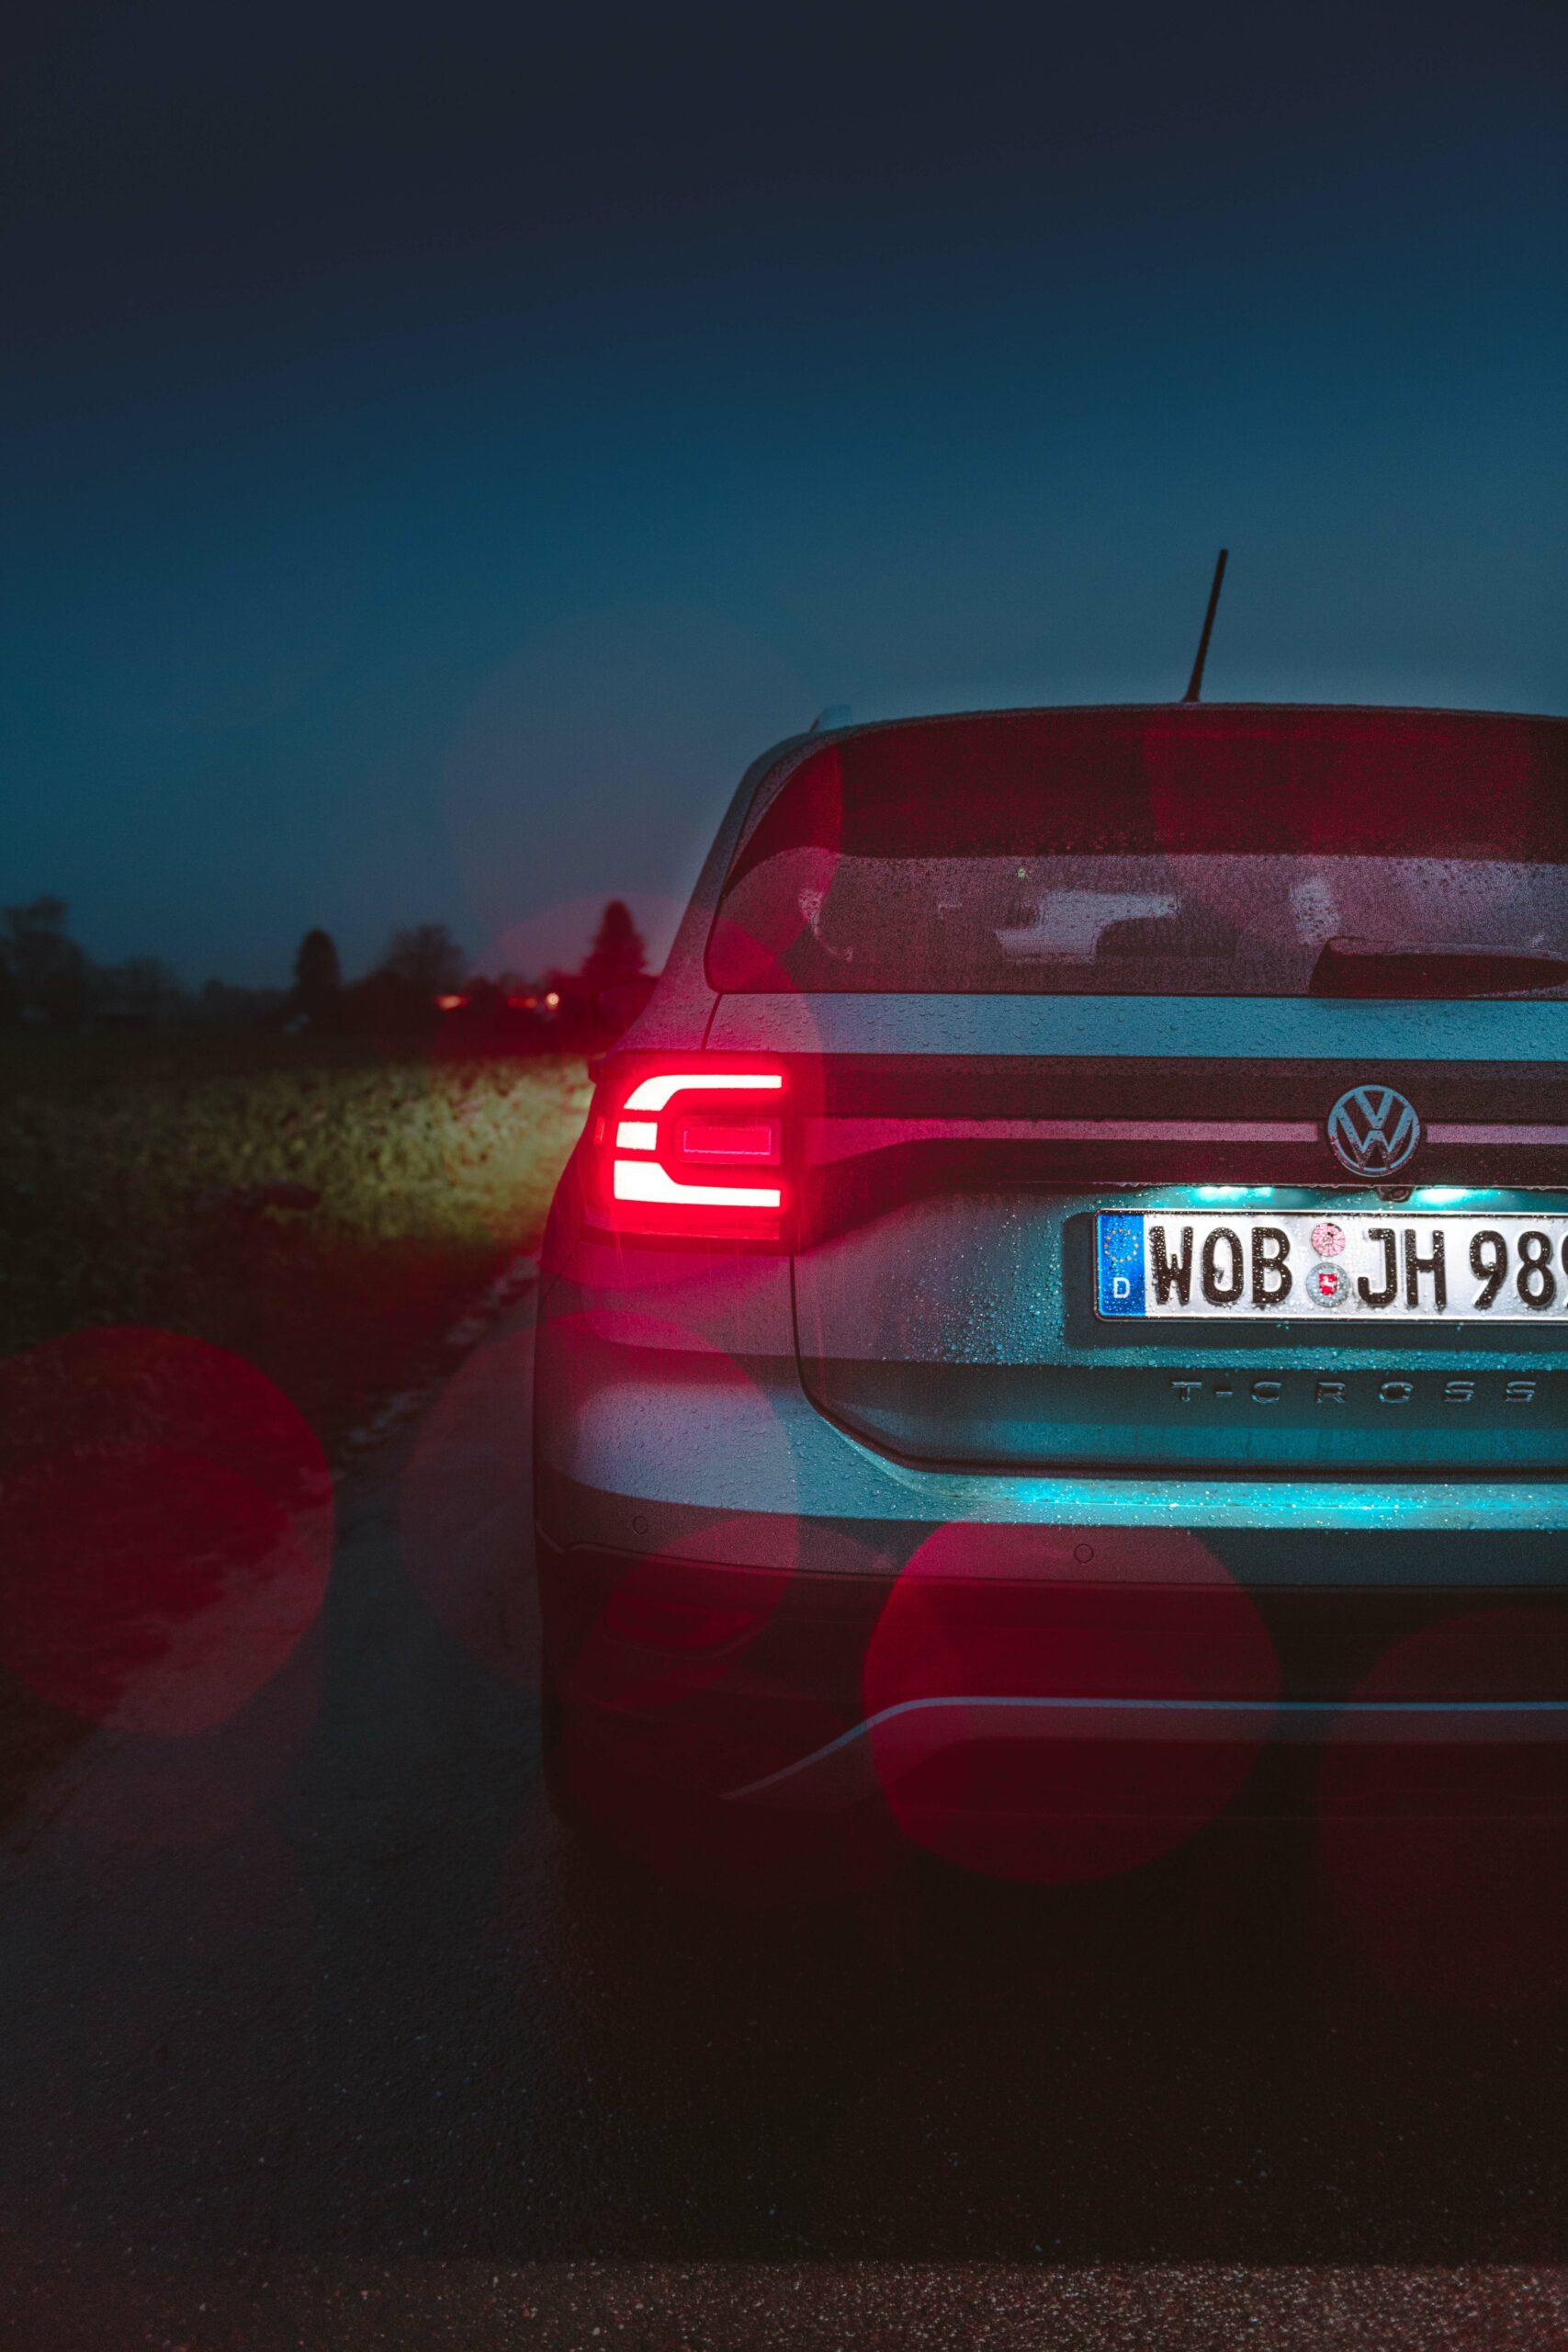 Fotograf Köln Volkswagen Social Media Falk Werths